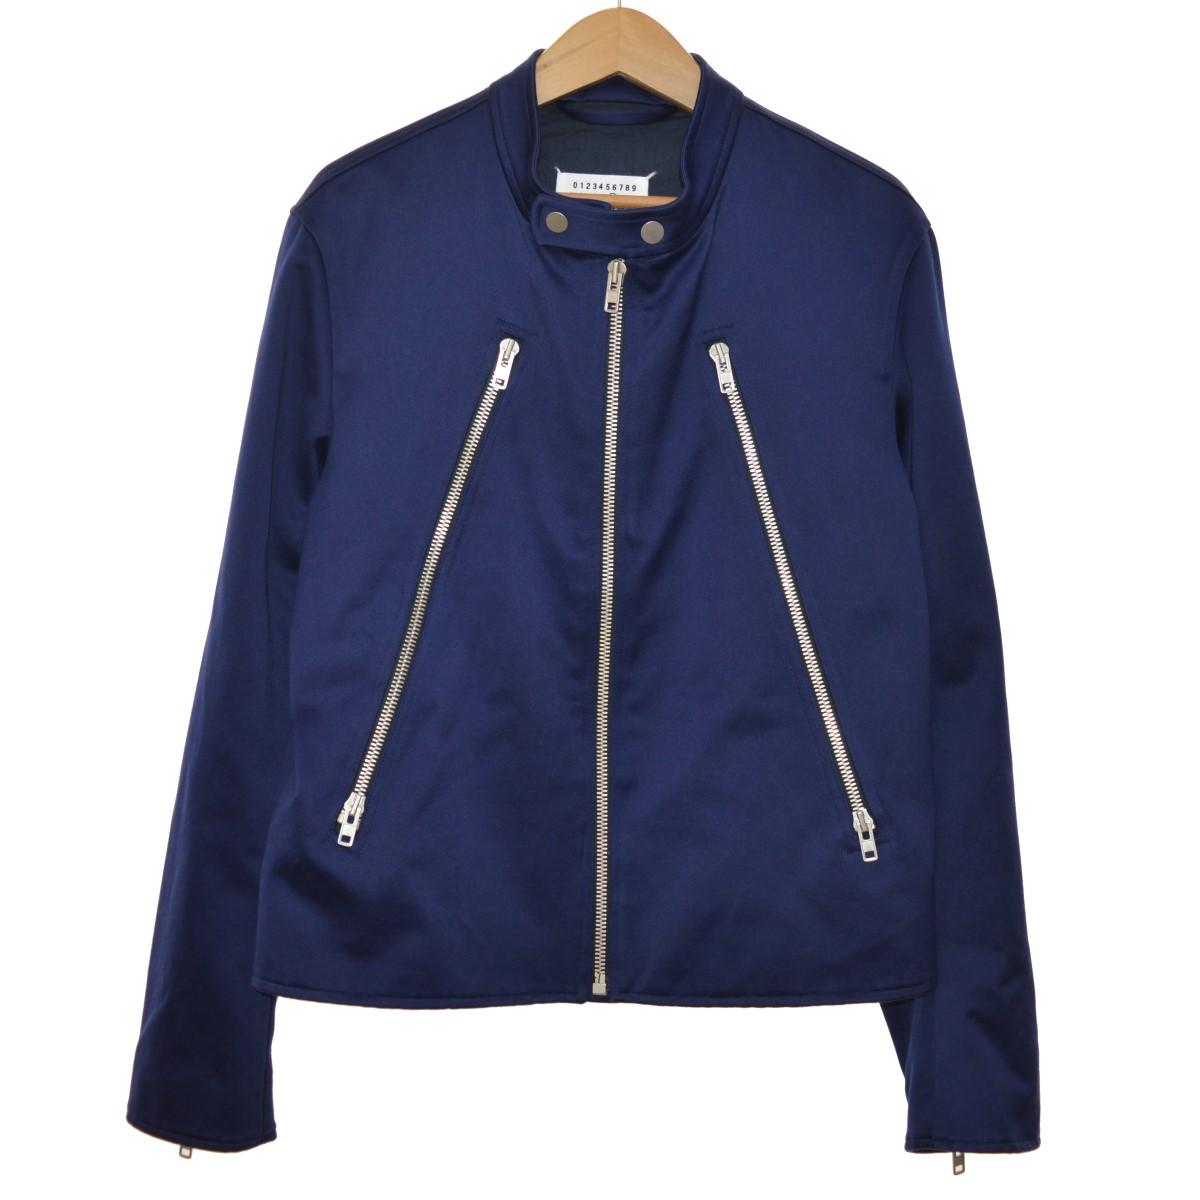 【中古】Maison Margiela 1419SS Sport Jacket コットン 八の字 ライダースジャケット ネイビー サイズ:50 【5月14日見直し】